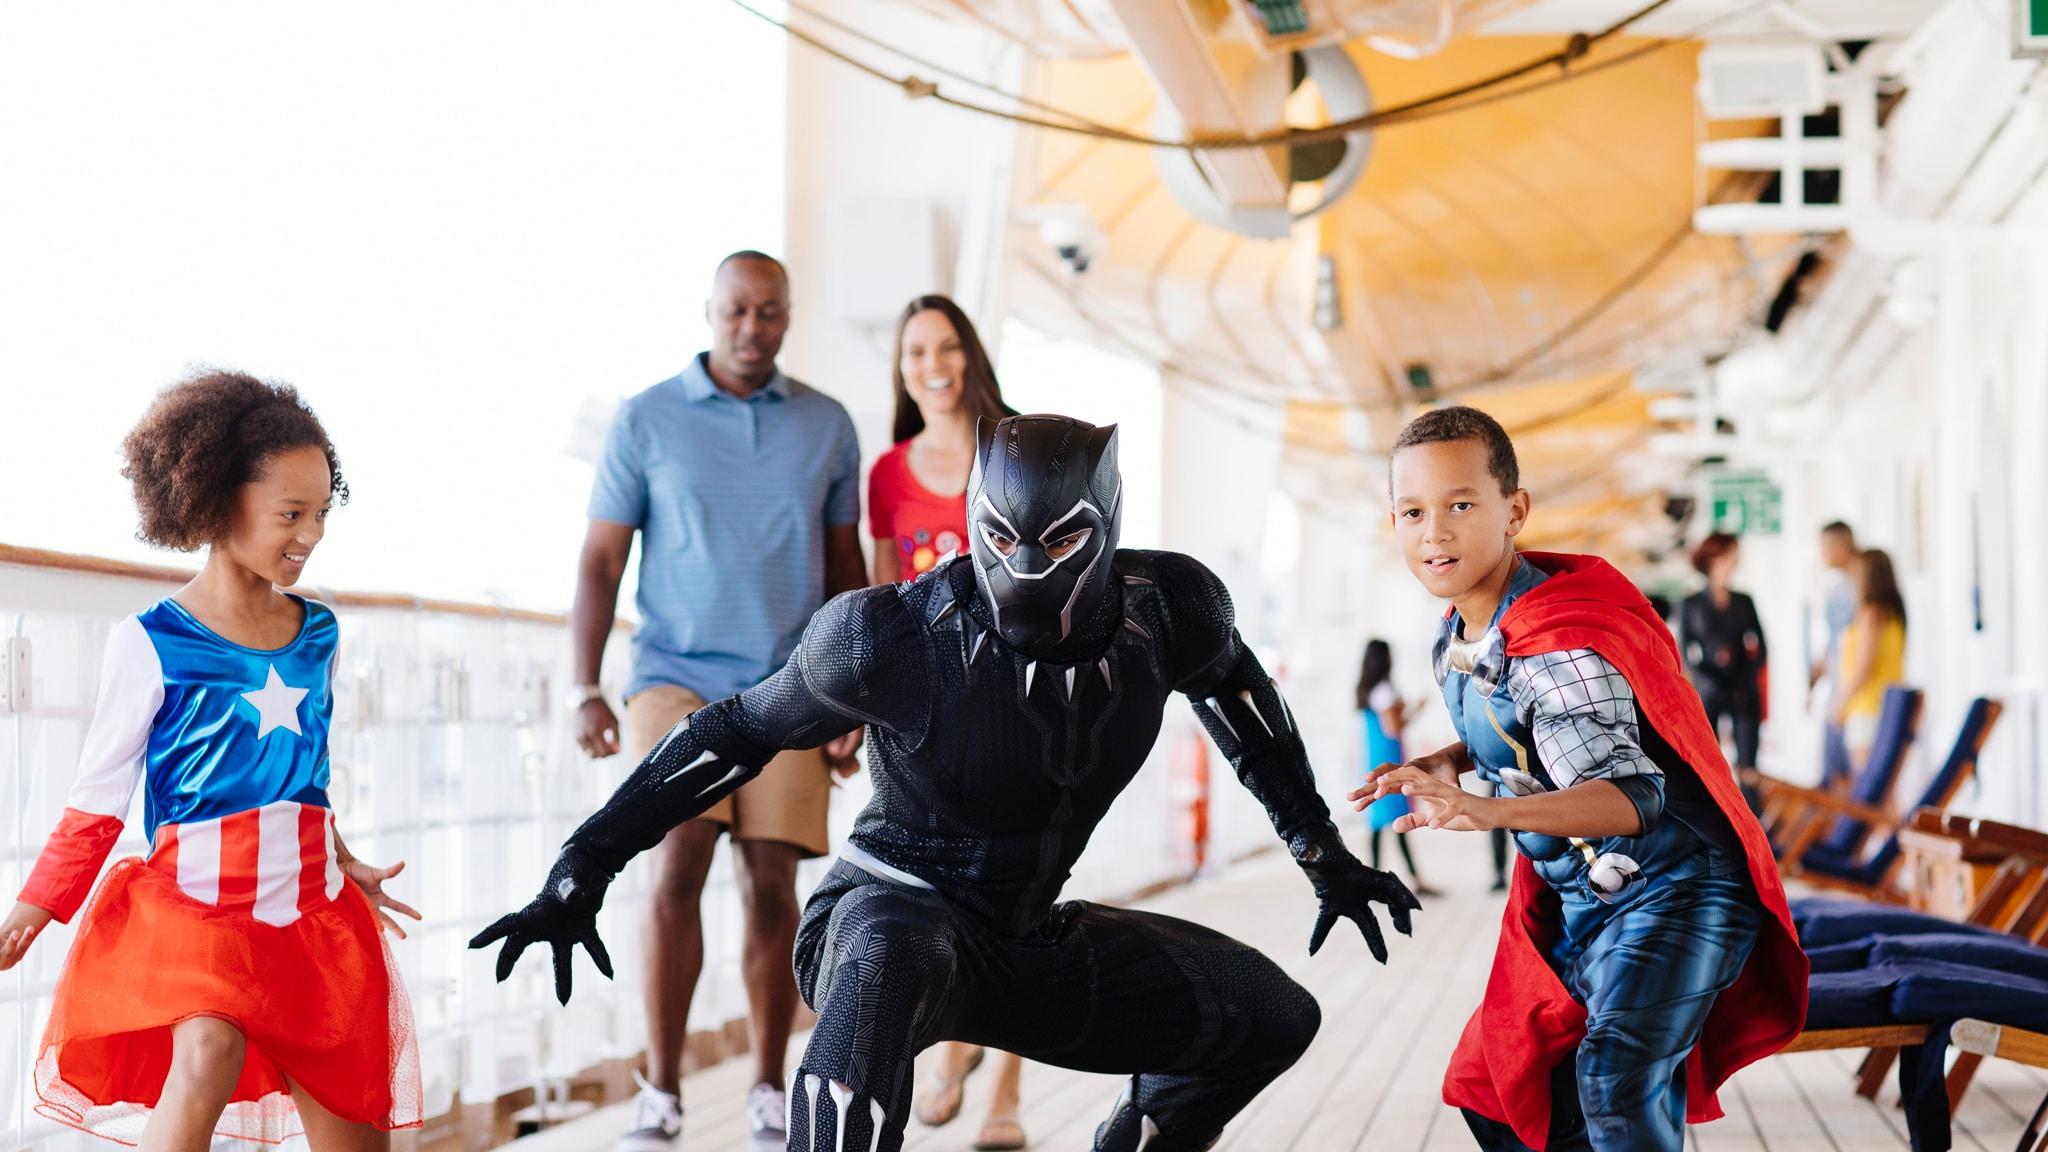 Marvel En un crucero Disney, Black Panther se prepara para la acción mientras que dos niños imitan su pose.